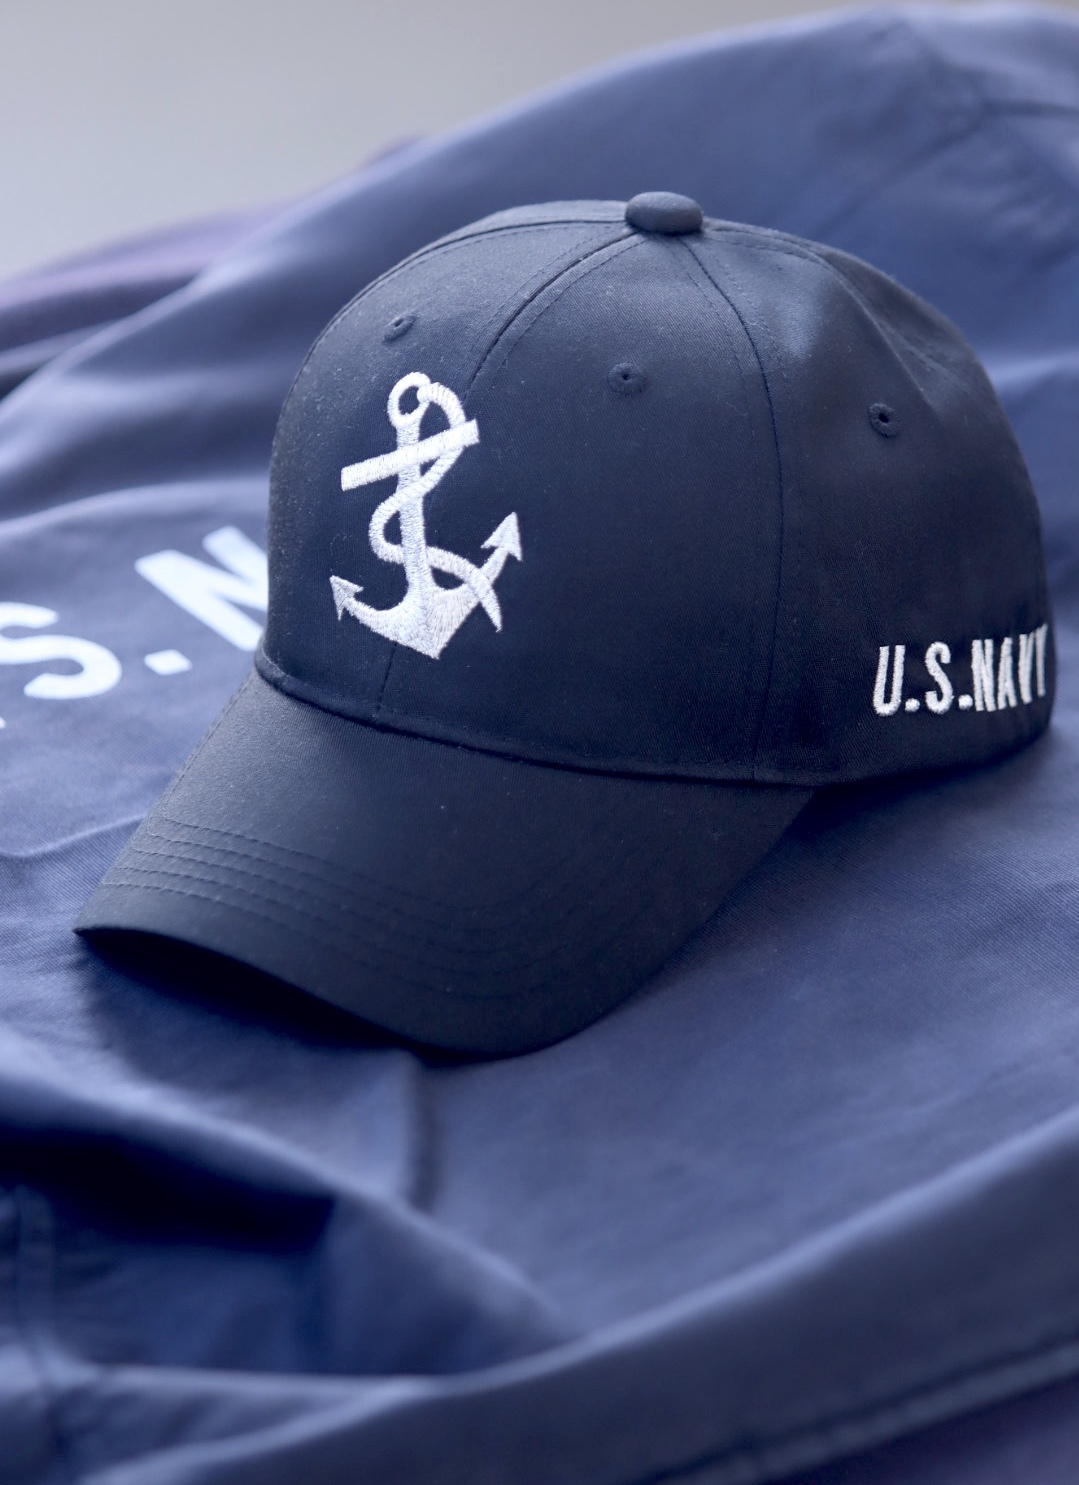 ミリタリー帽子の写真撮り_a0370893_17233807.jpeg